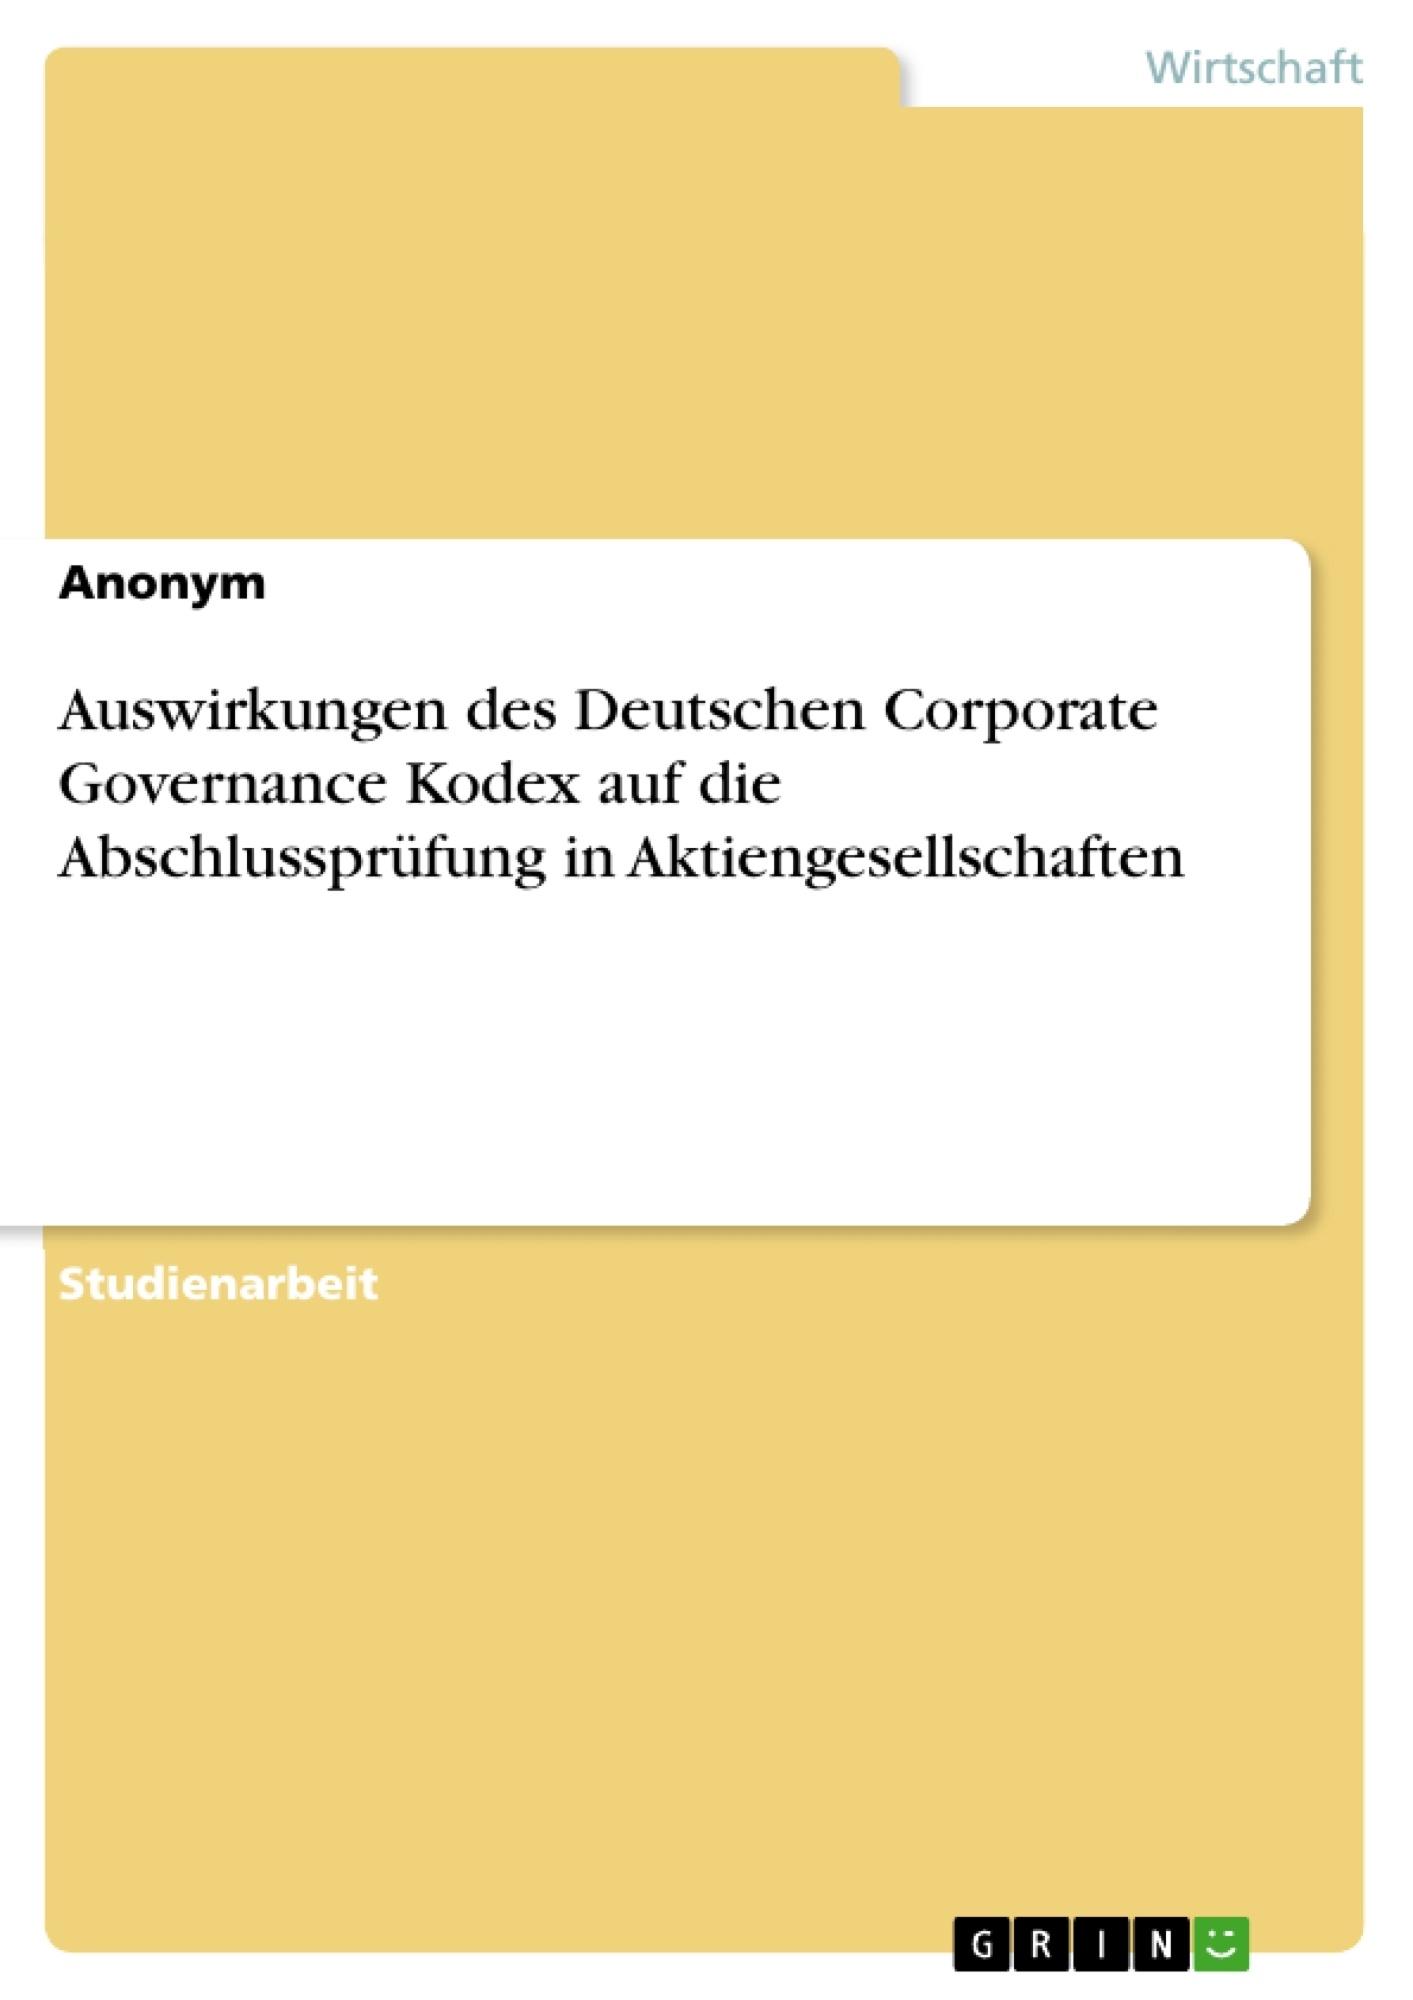 Titel: Auswirkungen des Deutschen Corporate Governance Kodex auf die Abschlussprüfung in Aktiengesellschaften